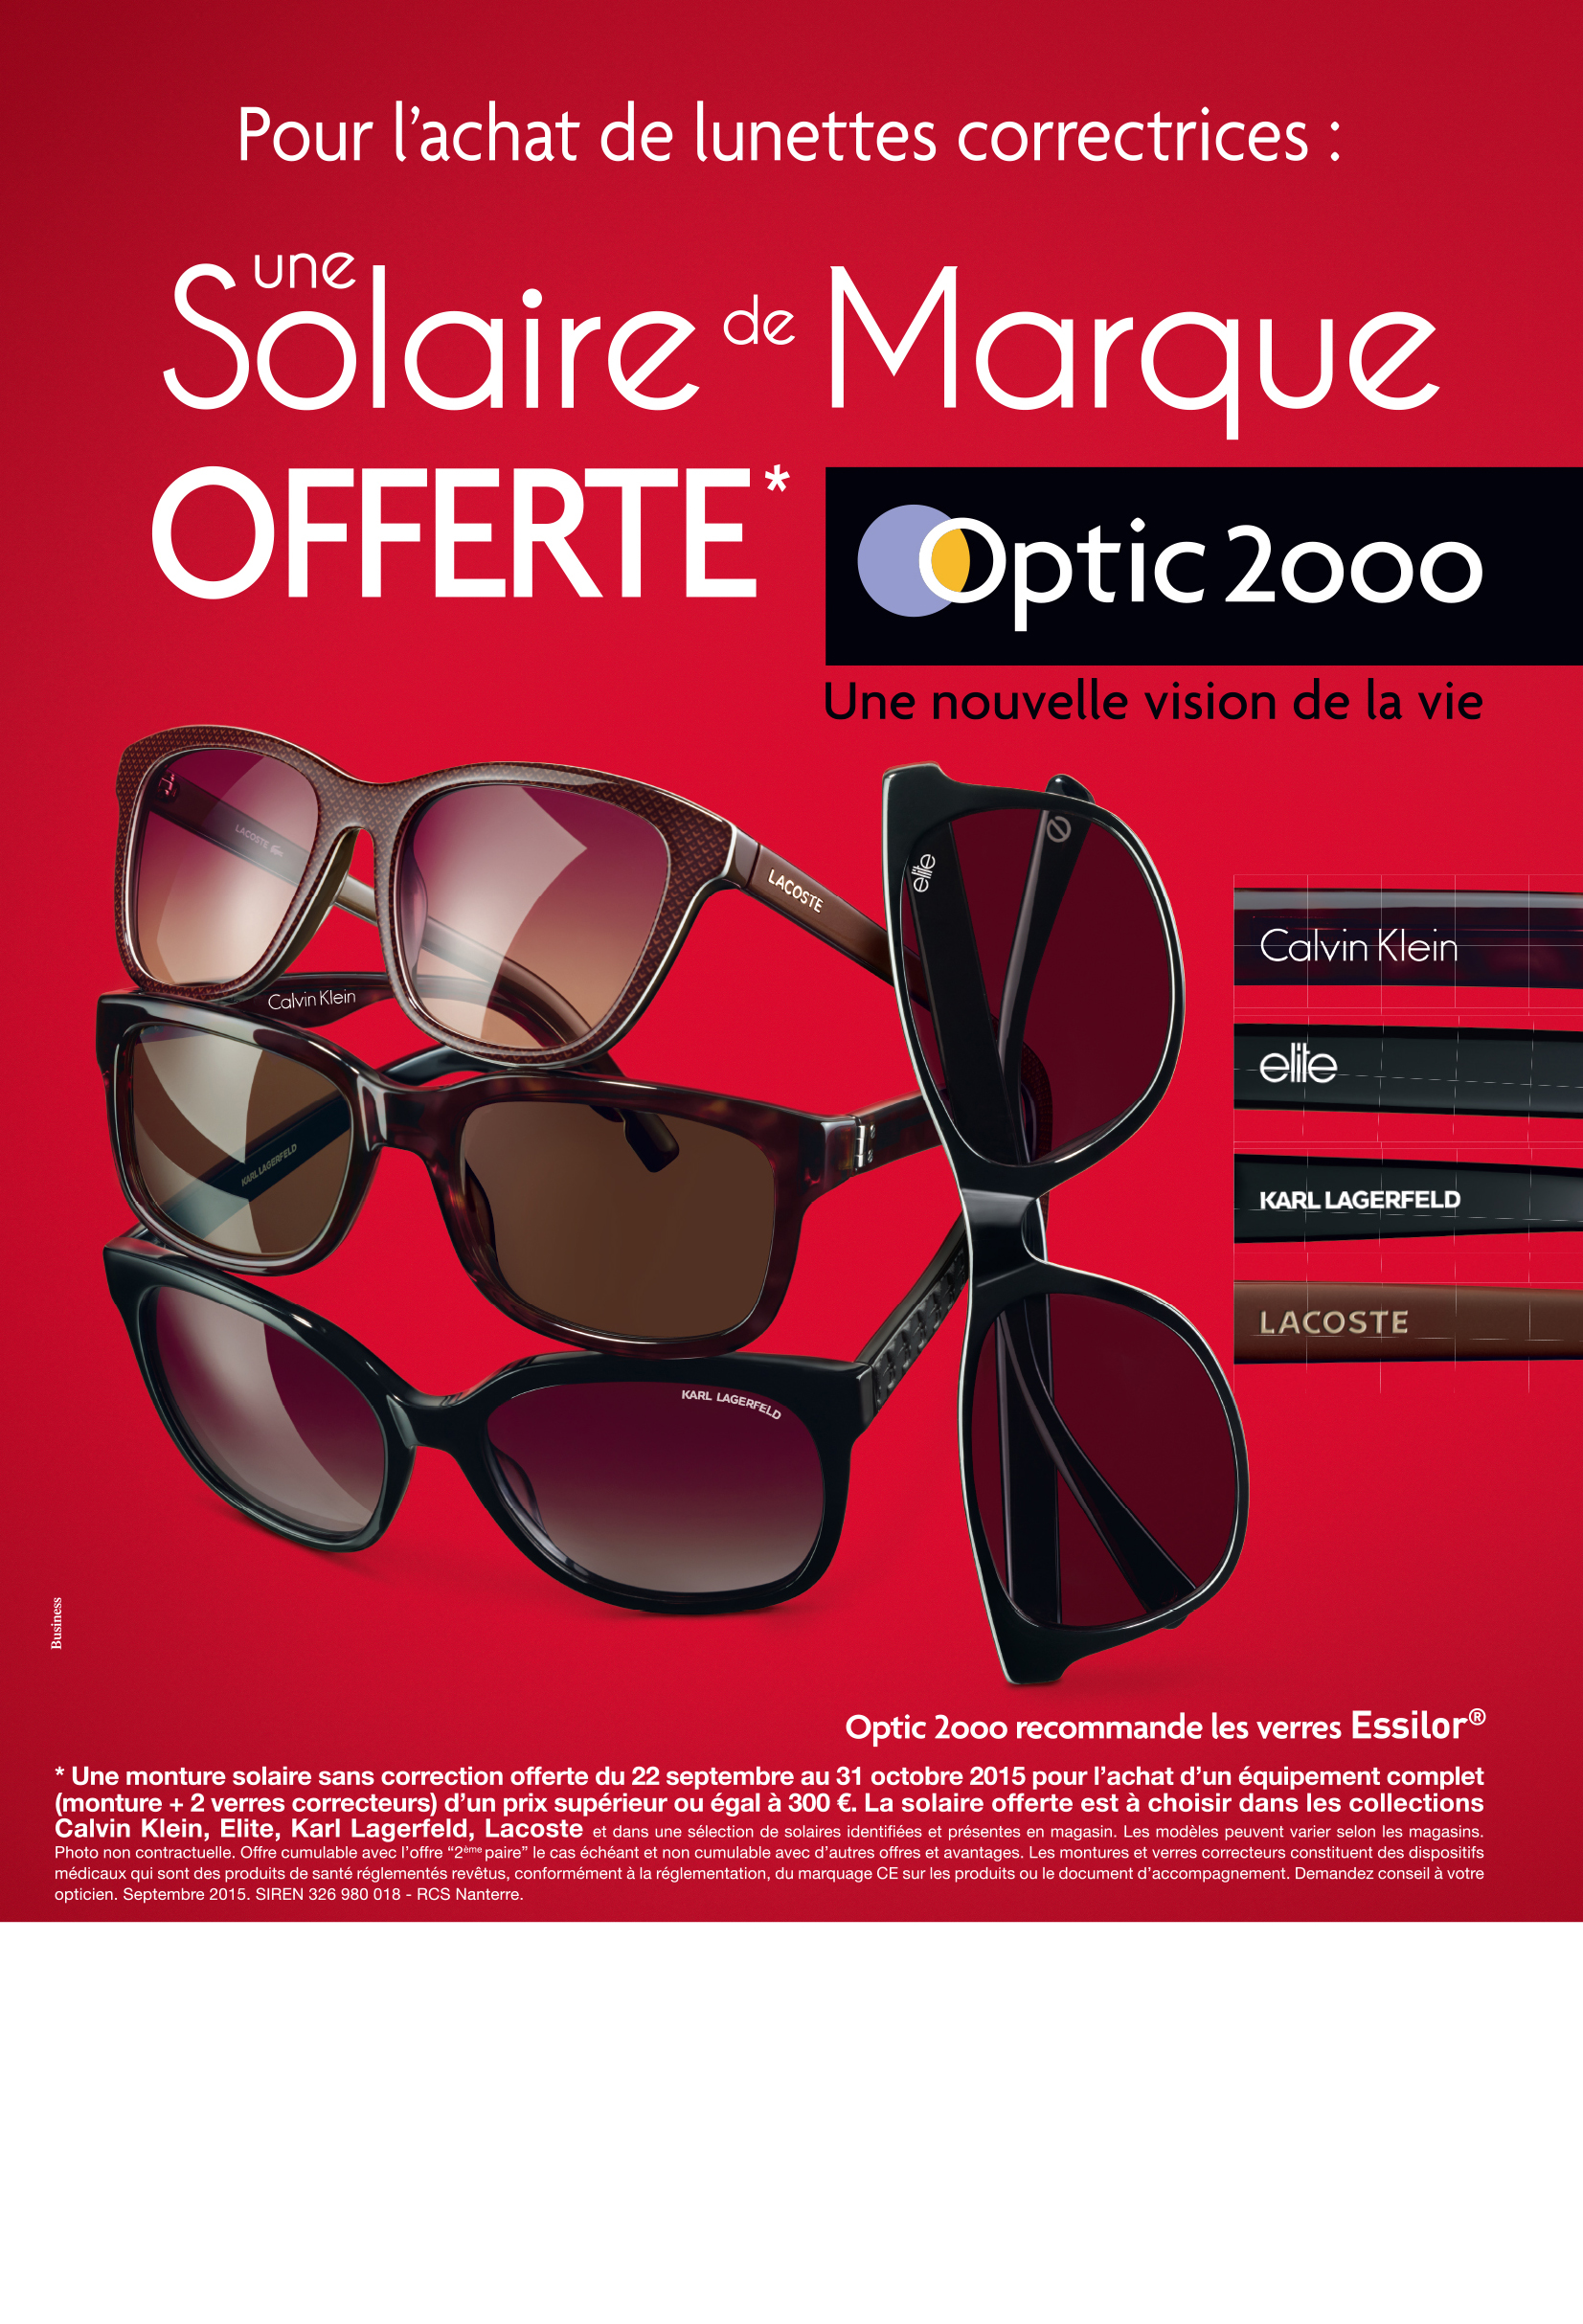 4414e4e5d6c0a Le professionnalisme d'Optic 2ooo incarné par 8 opticiens pour sa ...